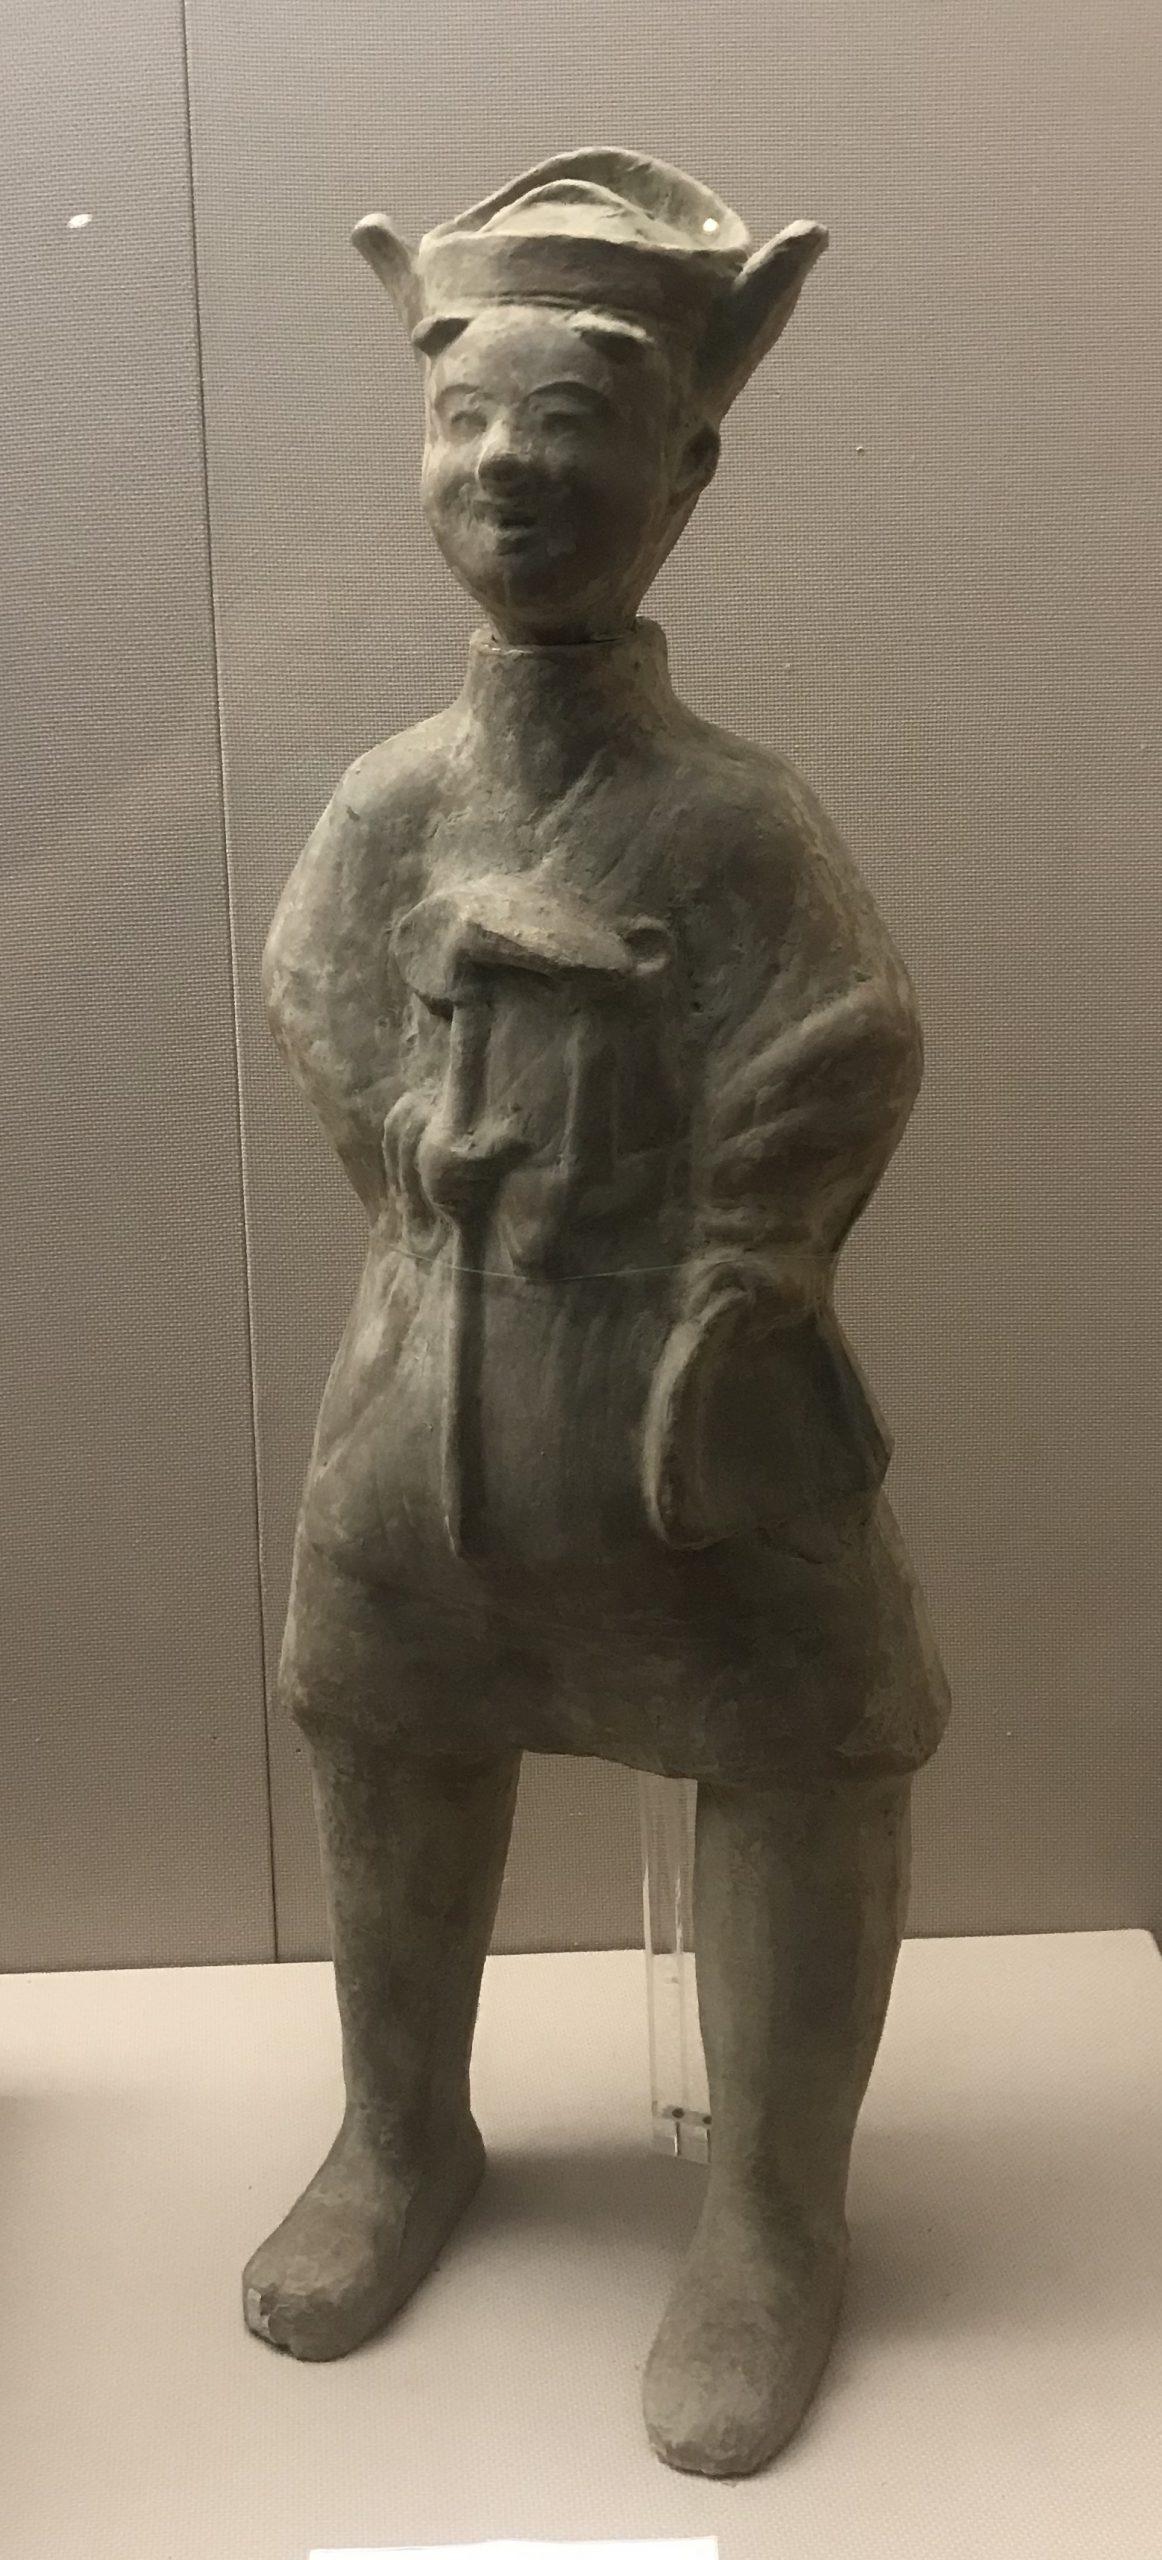 陶執鋤俑-東漢-四川漢代陶石芸術館-四川博物院-成都